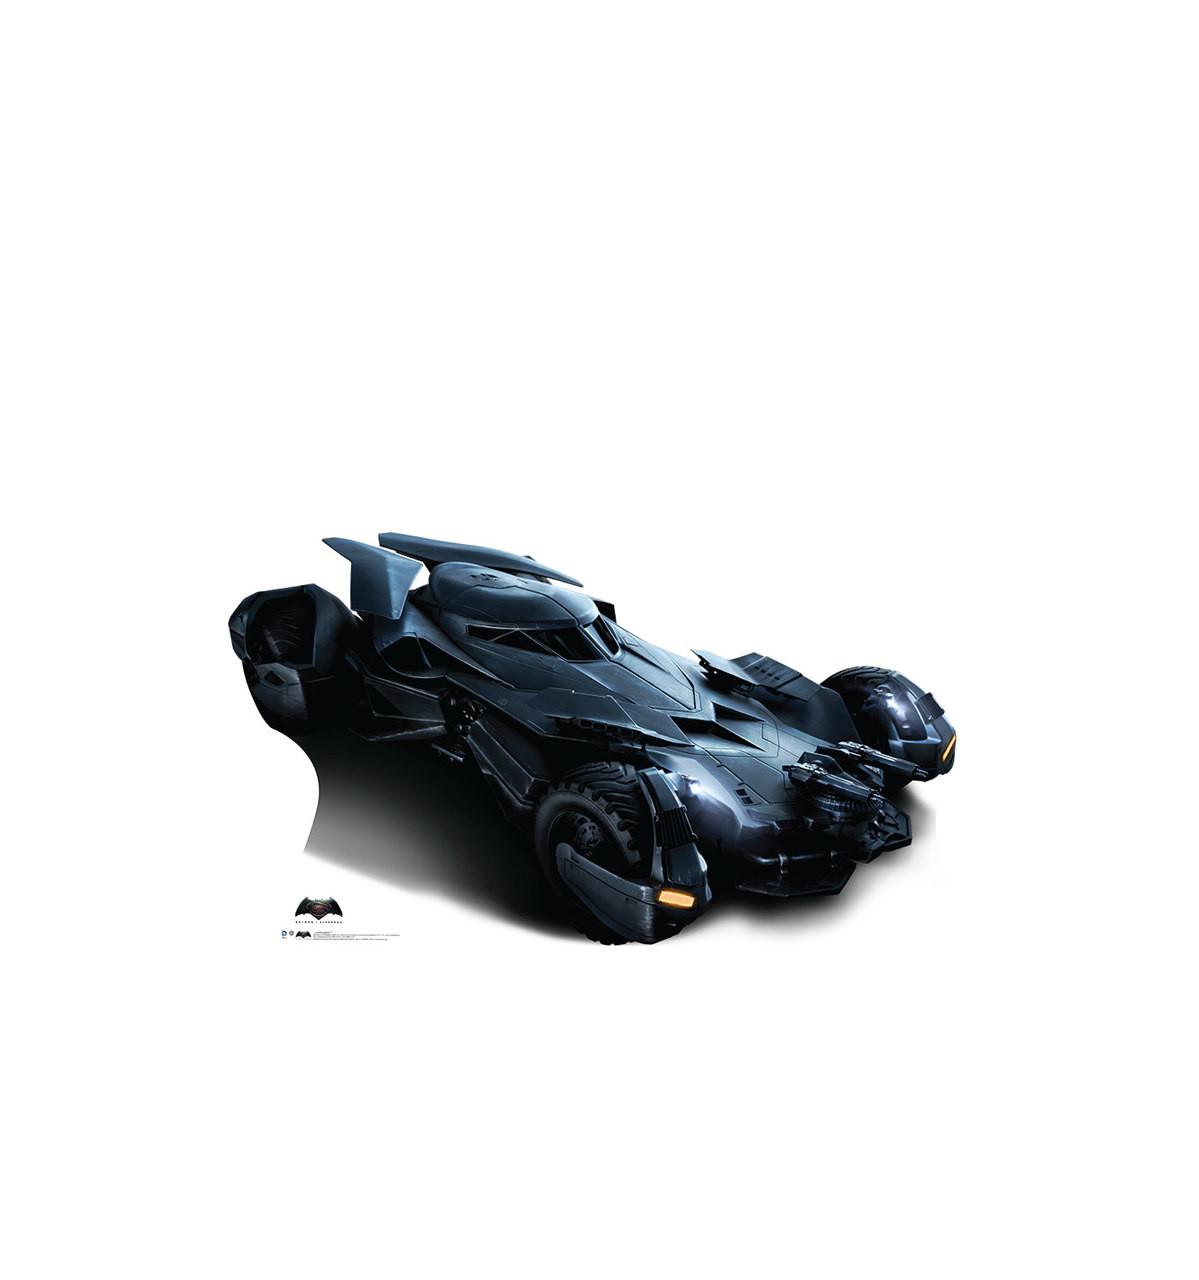 Life-size Batmobile - Batman V. Superman Cardboard Standup | Cardboard Cutout